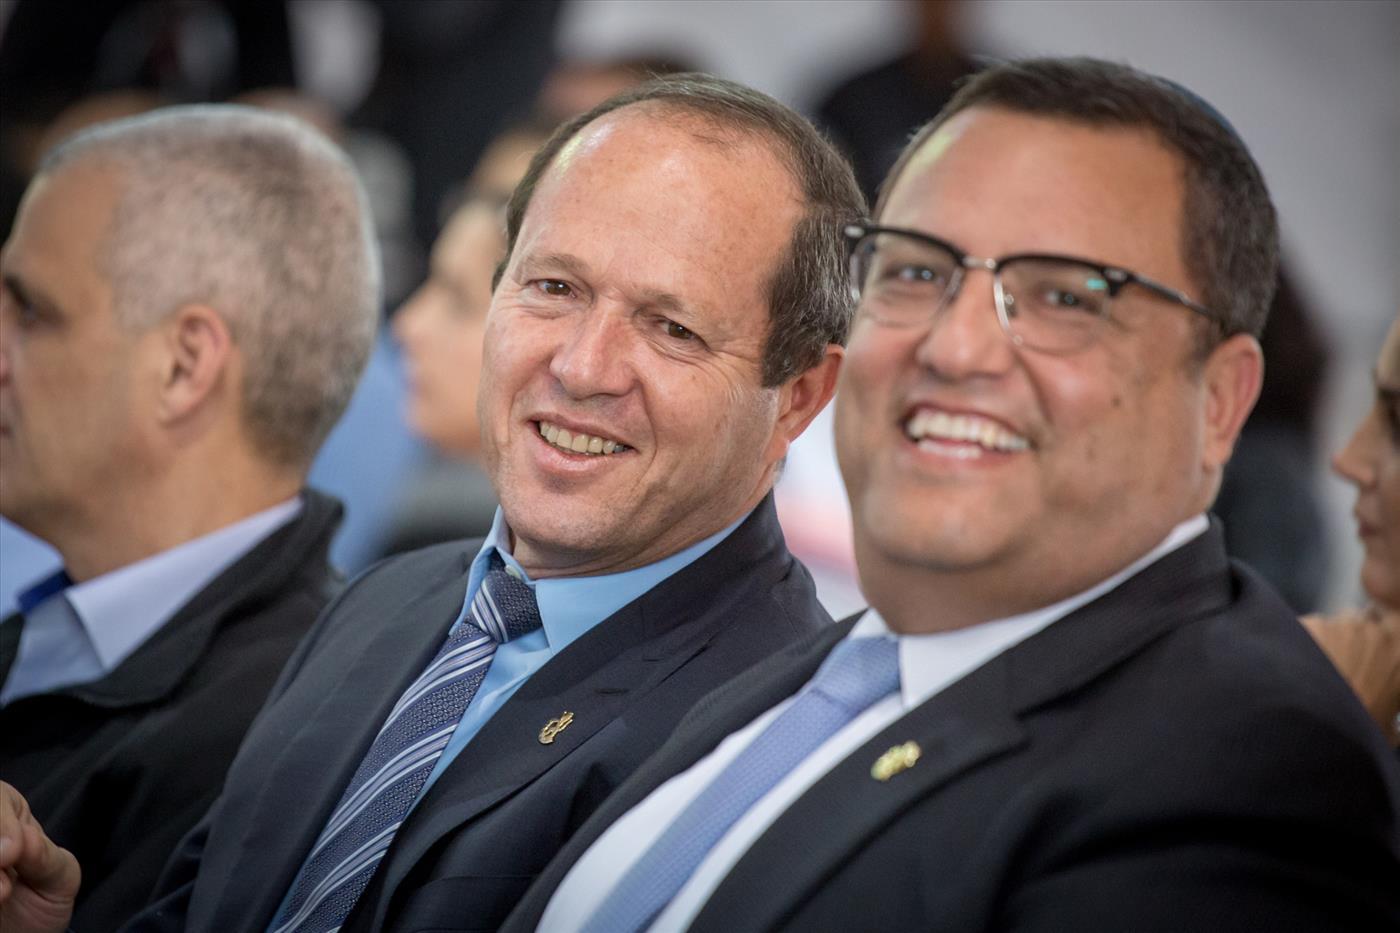 משה ליאון (מימין) עם ראש העיר היוצא ניר ברקת (הלל מאיר TPS)